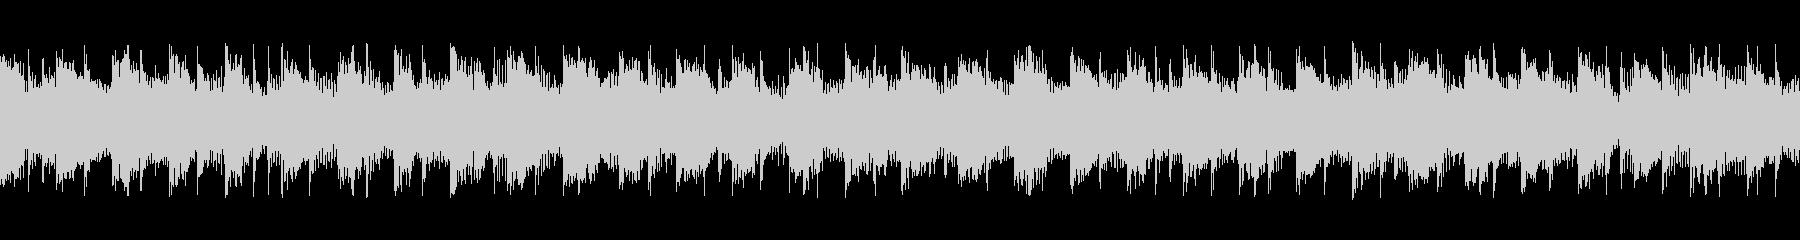 bpm121の地味で静かなループテクノの未再生の波形